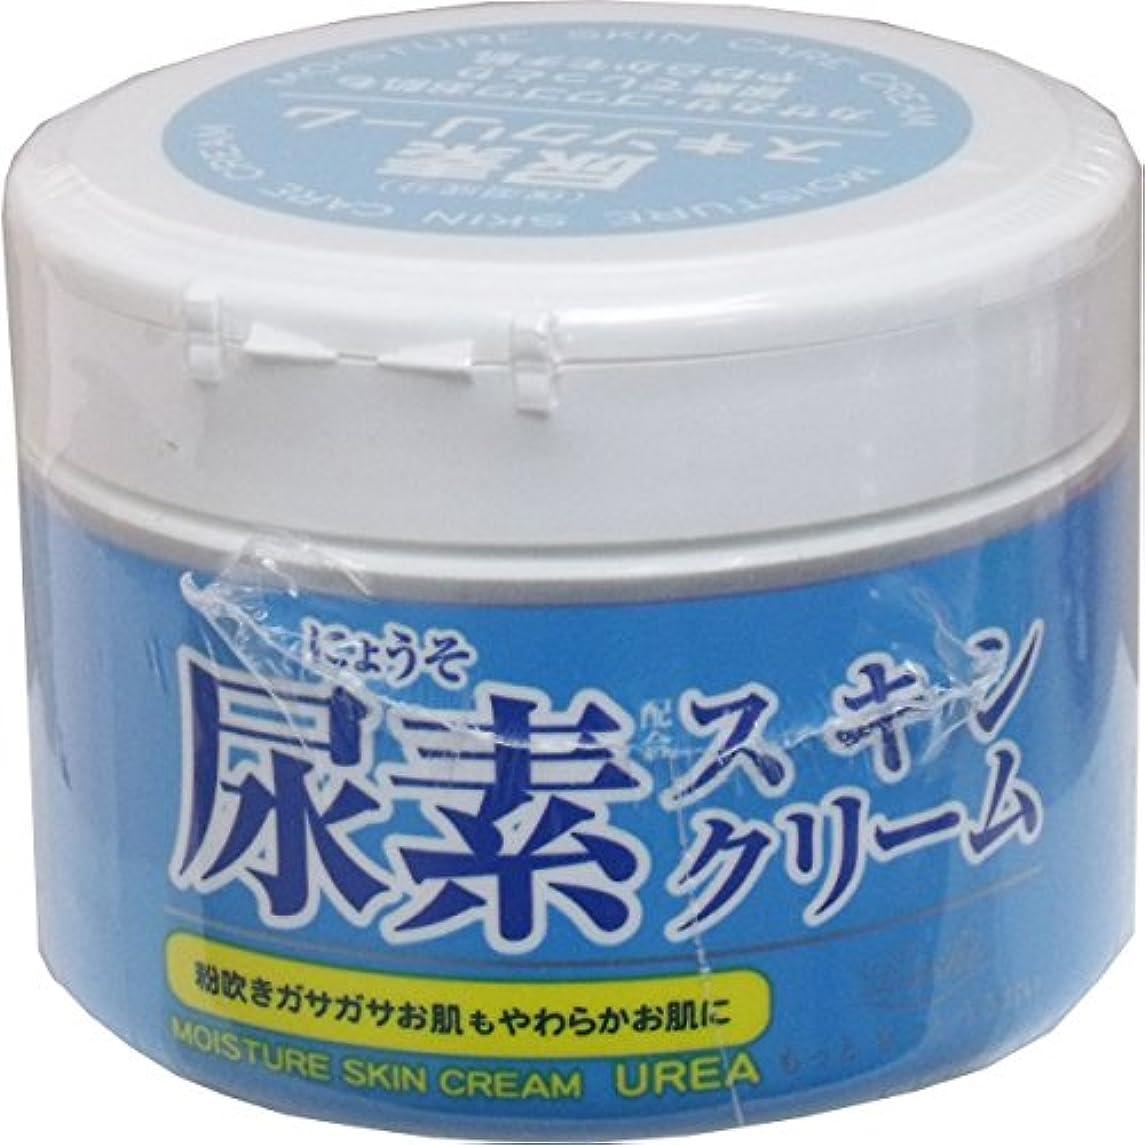 お風呂を持っている赤字部分的にロッシモイストエイド 尿素スキンクリーム × 6個セット